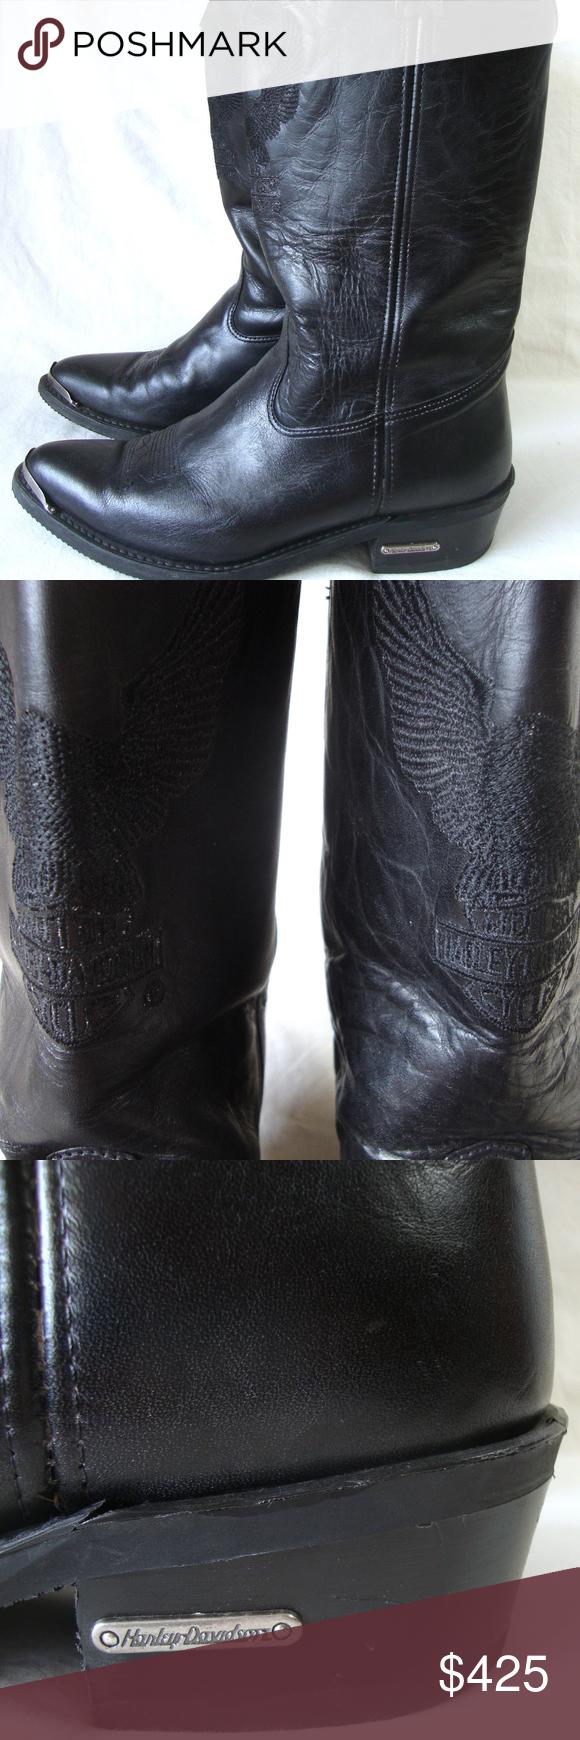 VTG Harley Davidson Leather Biker Cowboy Boots Vintage harley